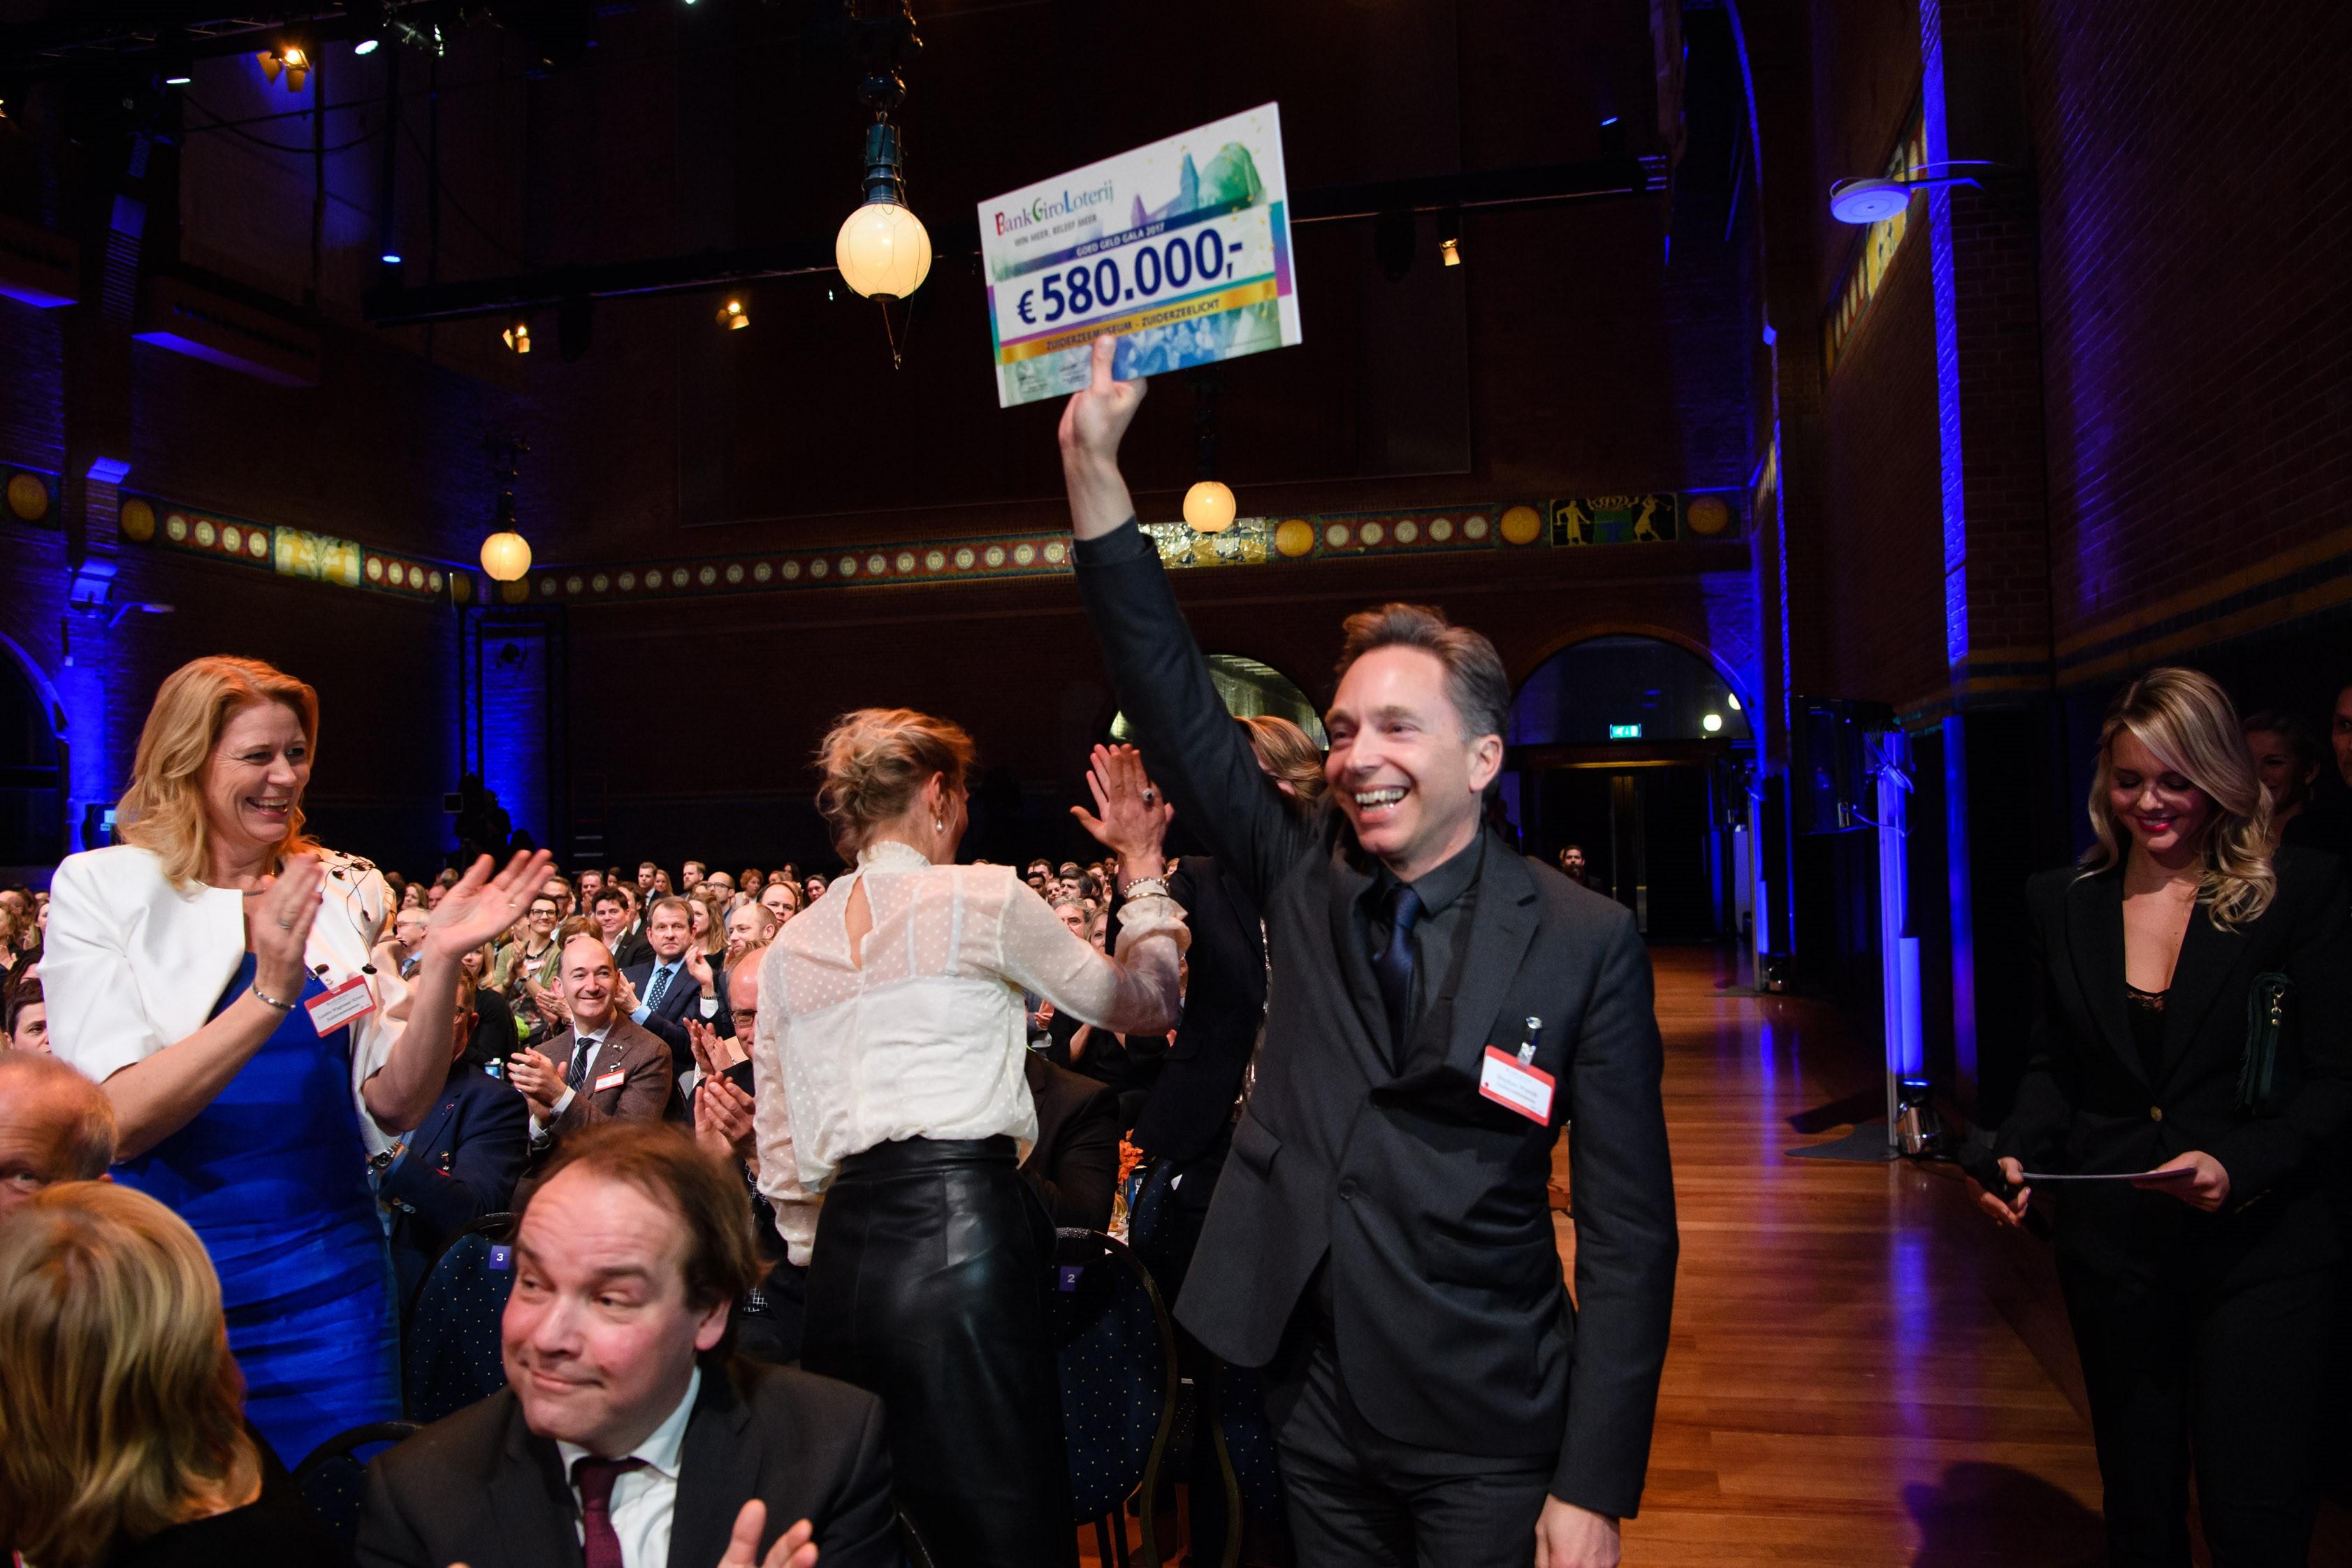 'Geweldige opsteker!'; 1,2 miljoen euro voor Zuiderzeemuseum